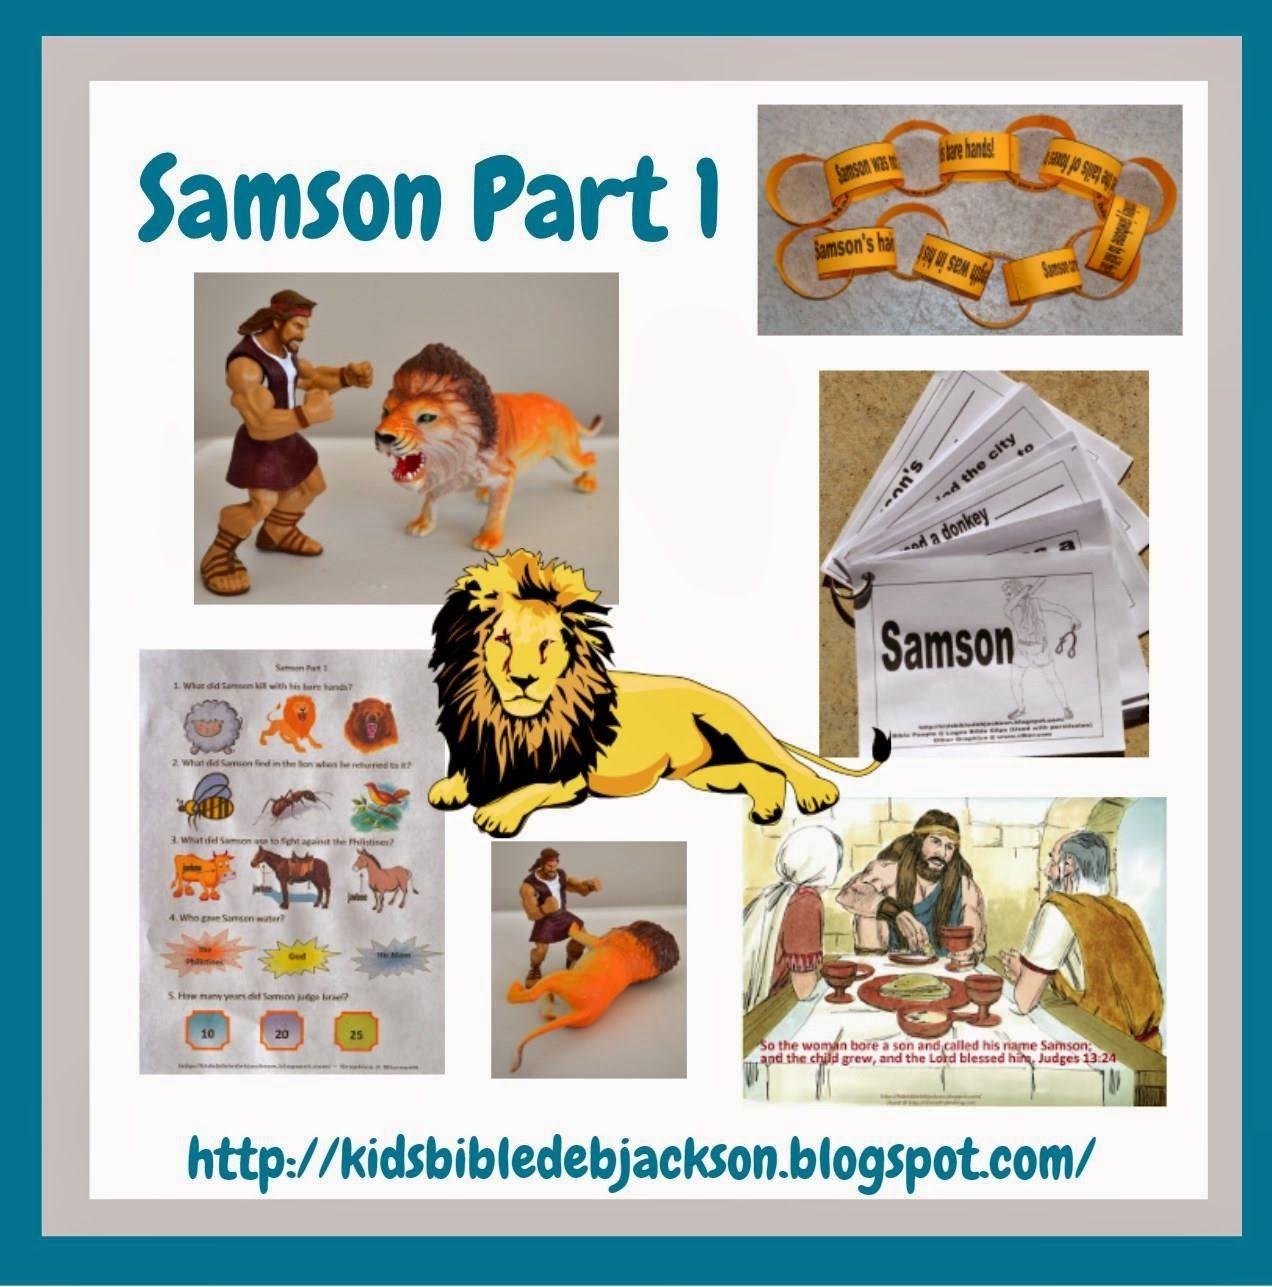 Samson Part 1